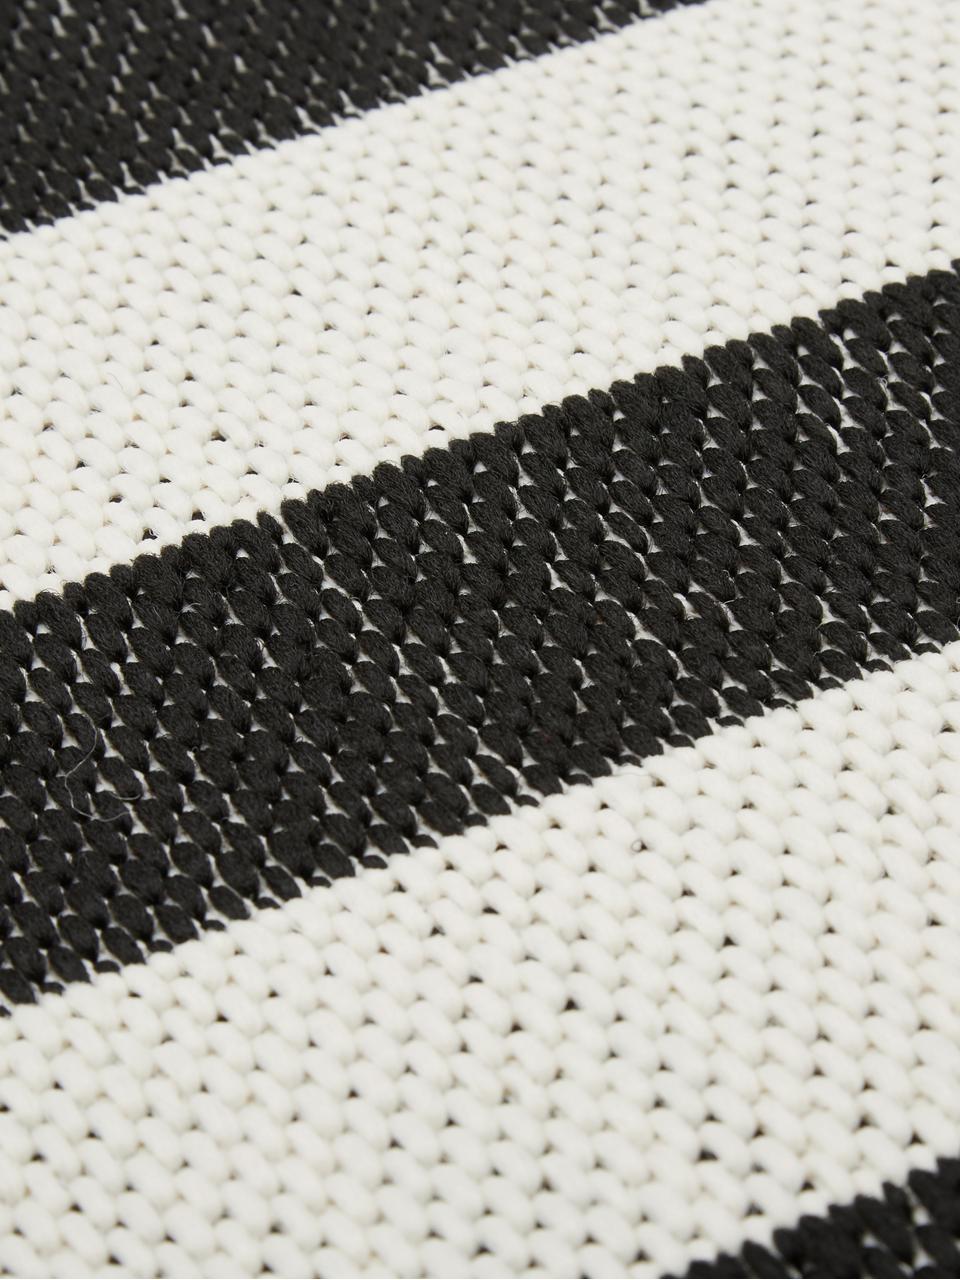 Gestreept in- & outdoor vloerkleed Axa in zwart/wit, 86% polypropyleen, 14% polyester, Crèmewit, zwart, B 200 x L 290 cm (maat L)